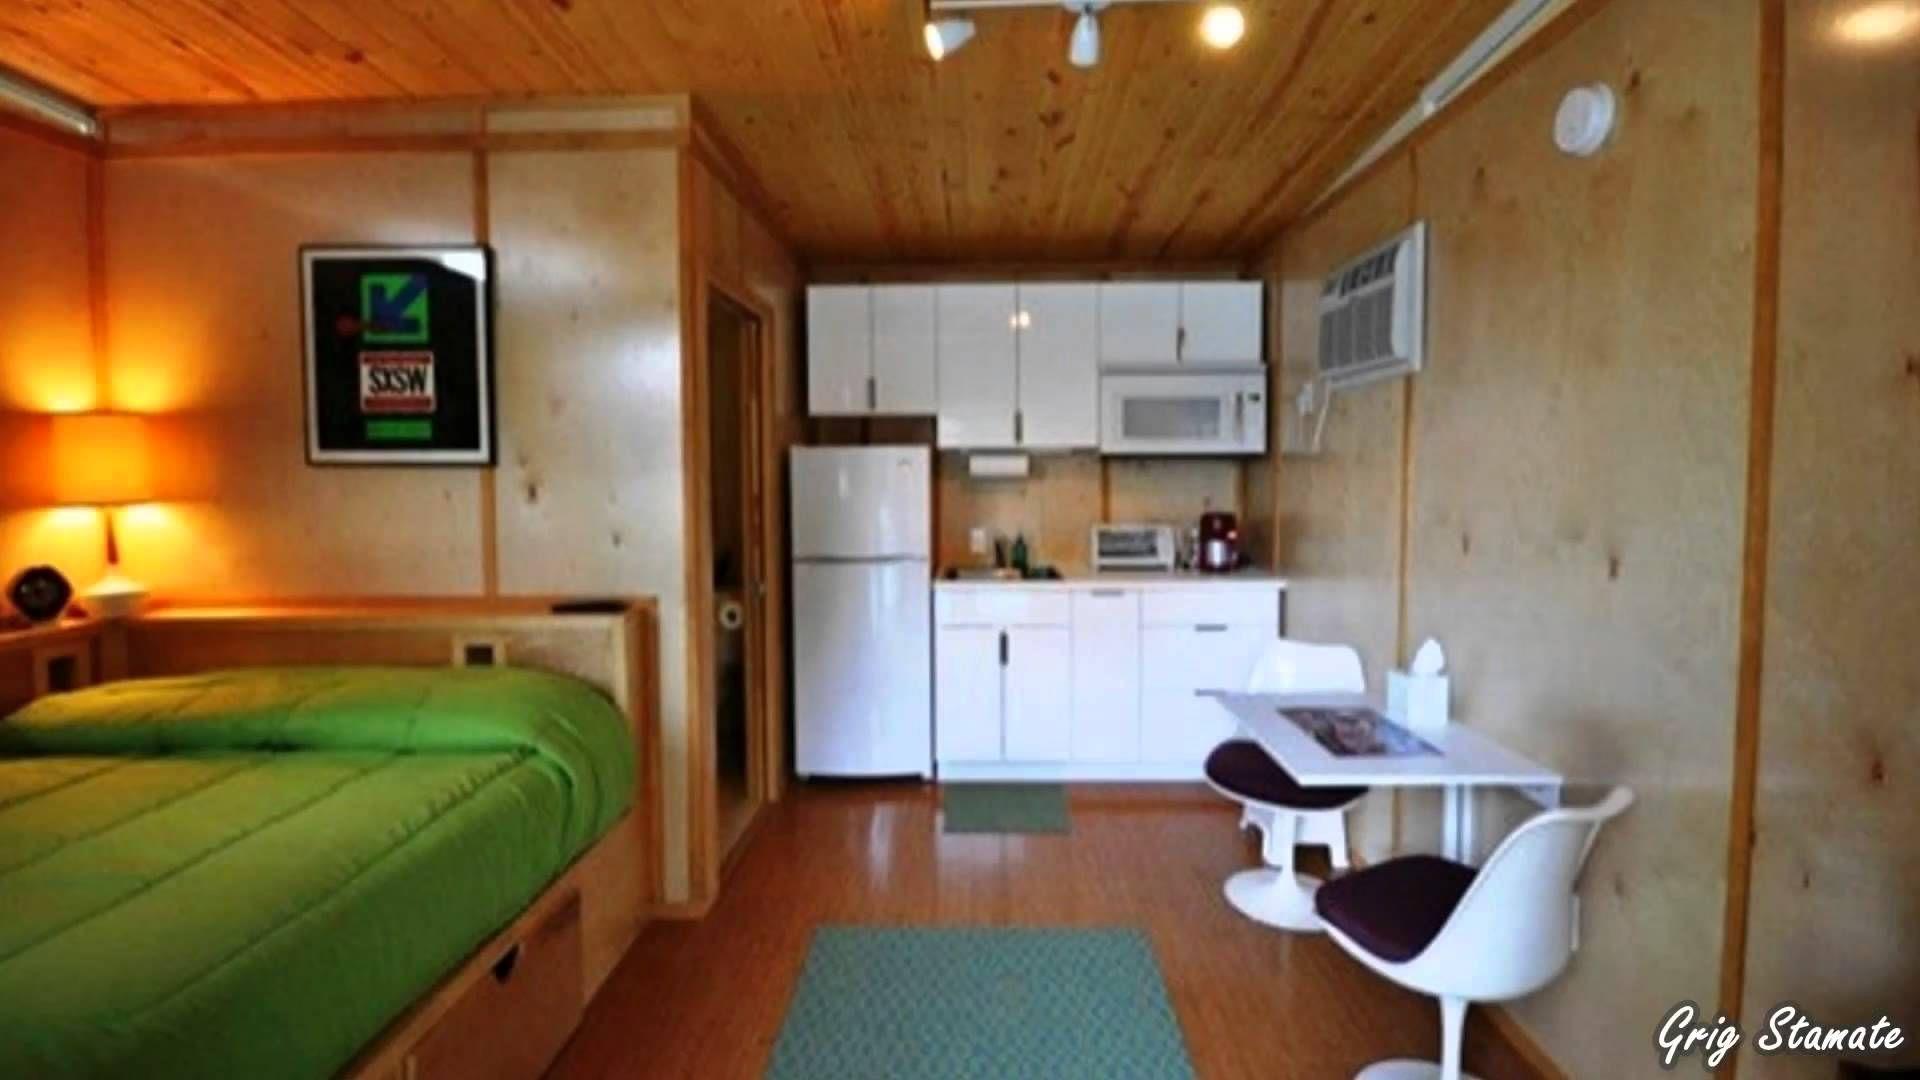 Small and Tiny House Interior Design Ideas | House interior design ...